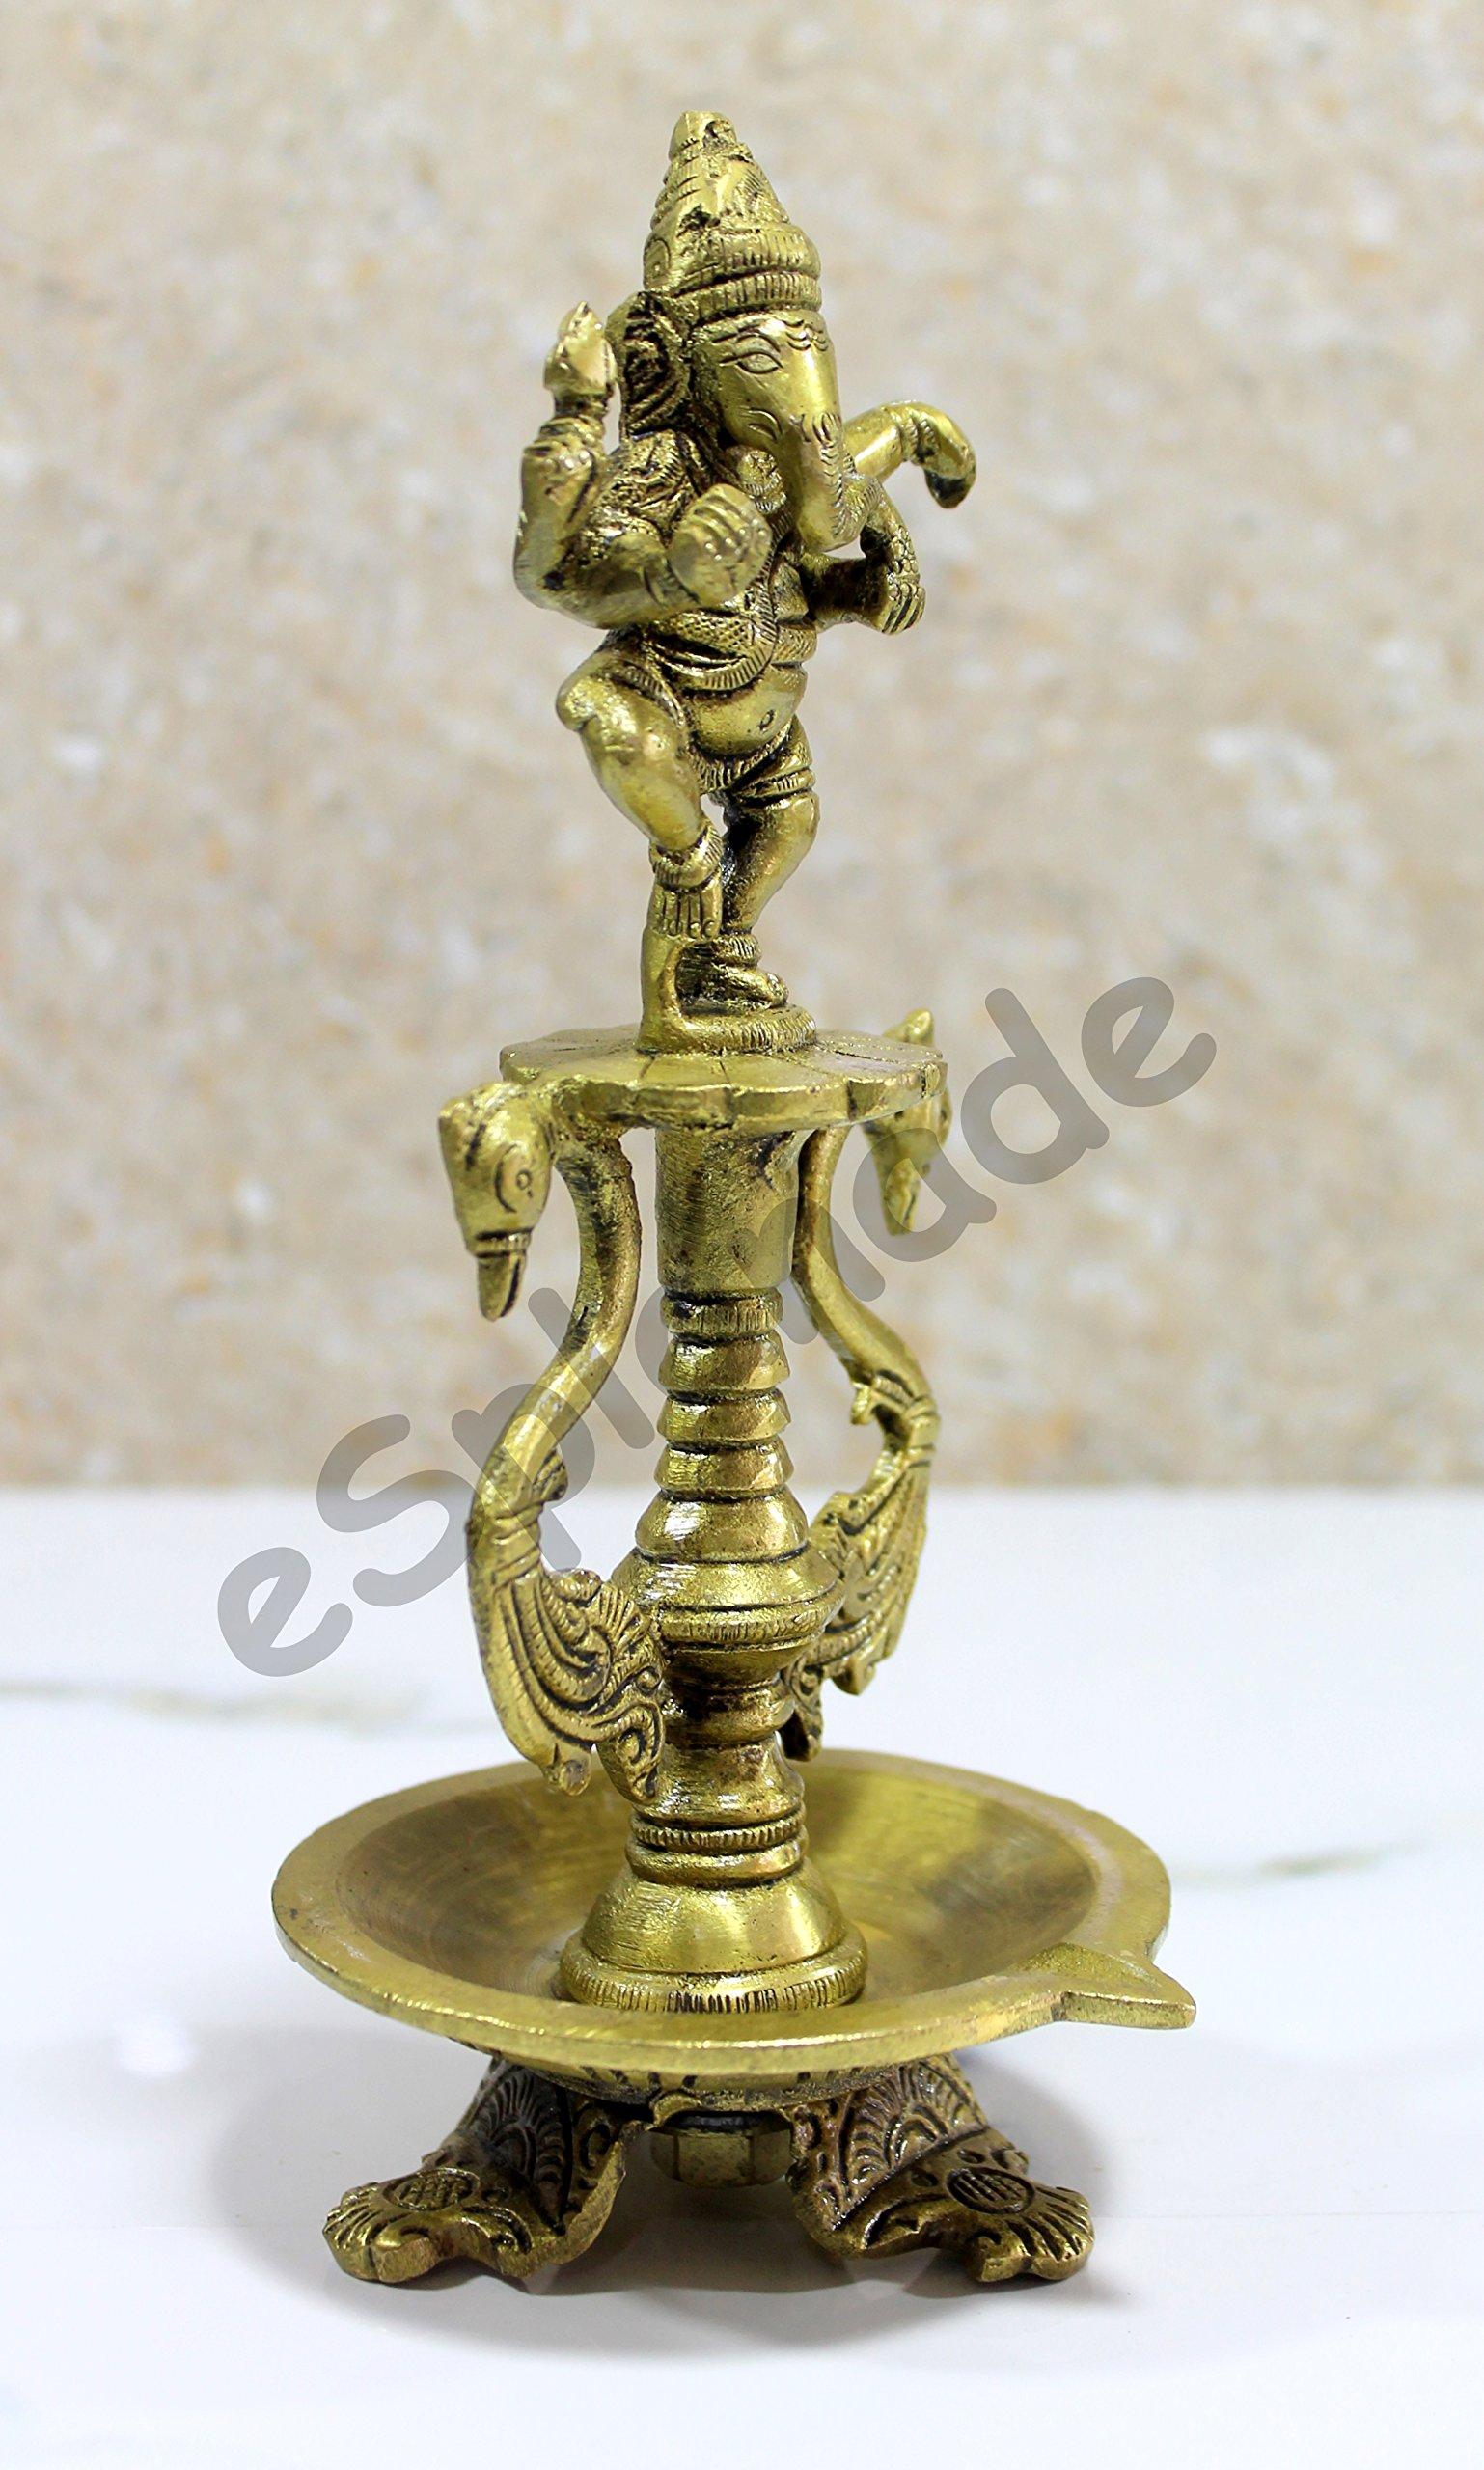 6 Pulgadas de tama/ño Grande Idols y estatuas de Dios Indio KLEO Esplanade Narmada Piedra Narmadeshwar Shiv Ling Shiva Lingam